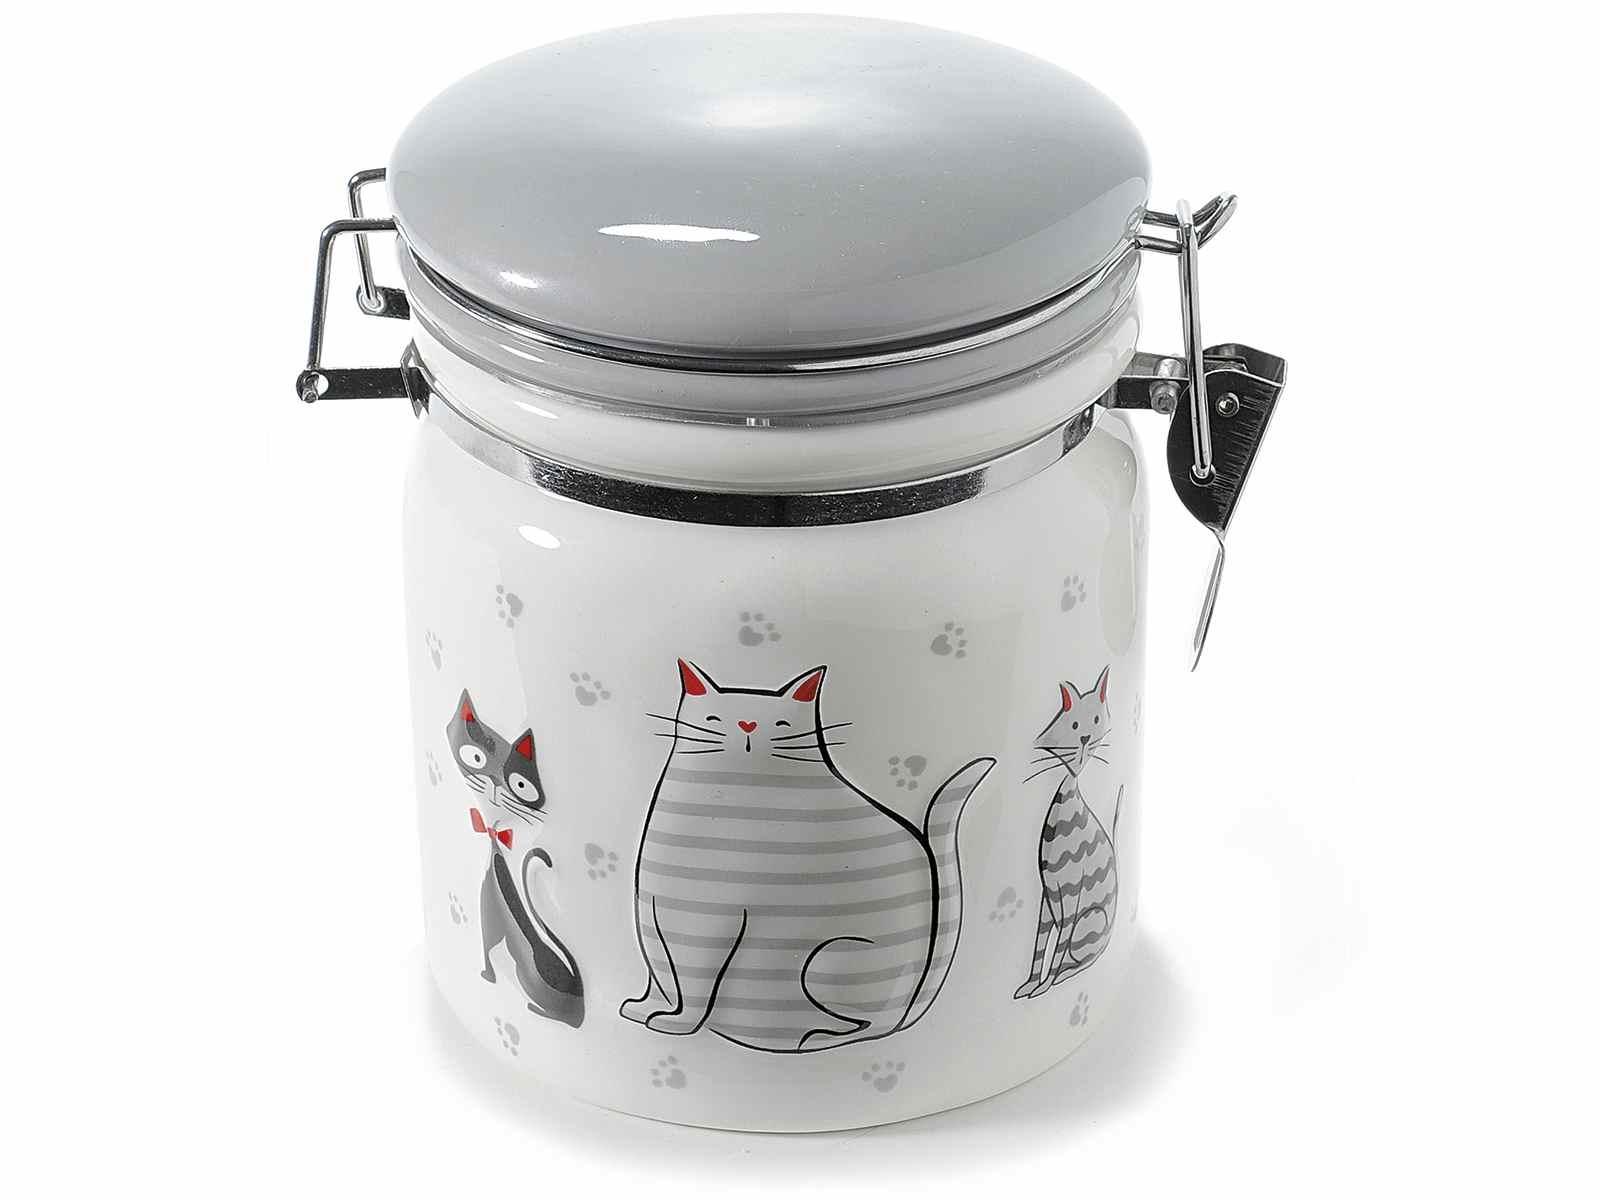 Barattolo in ceramica con decoro gatti e chiusura ermetica (713472)